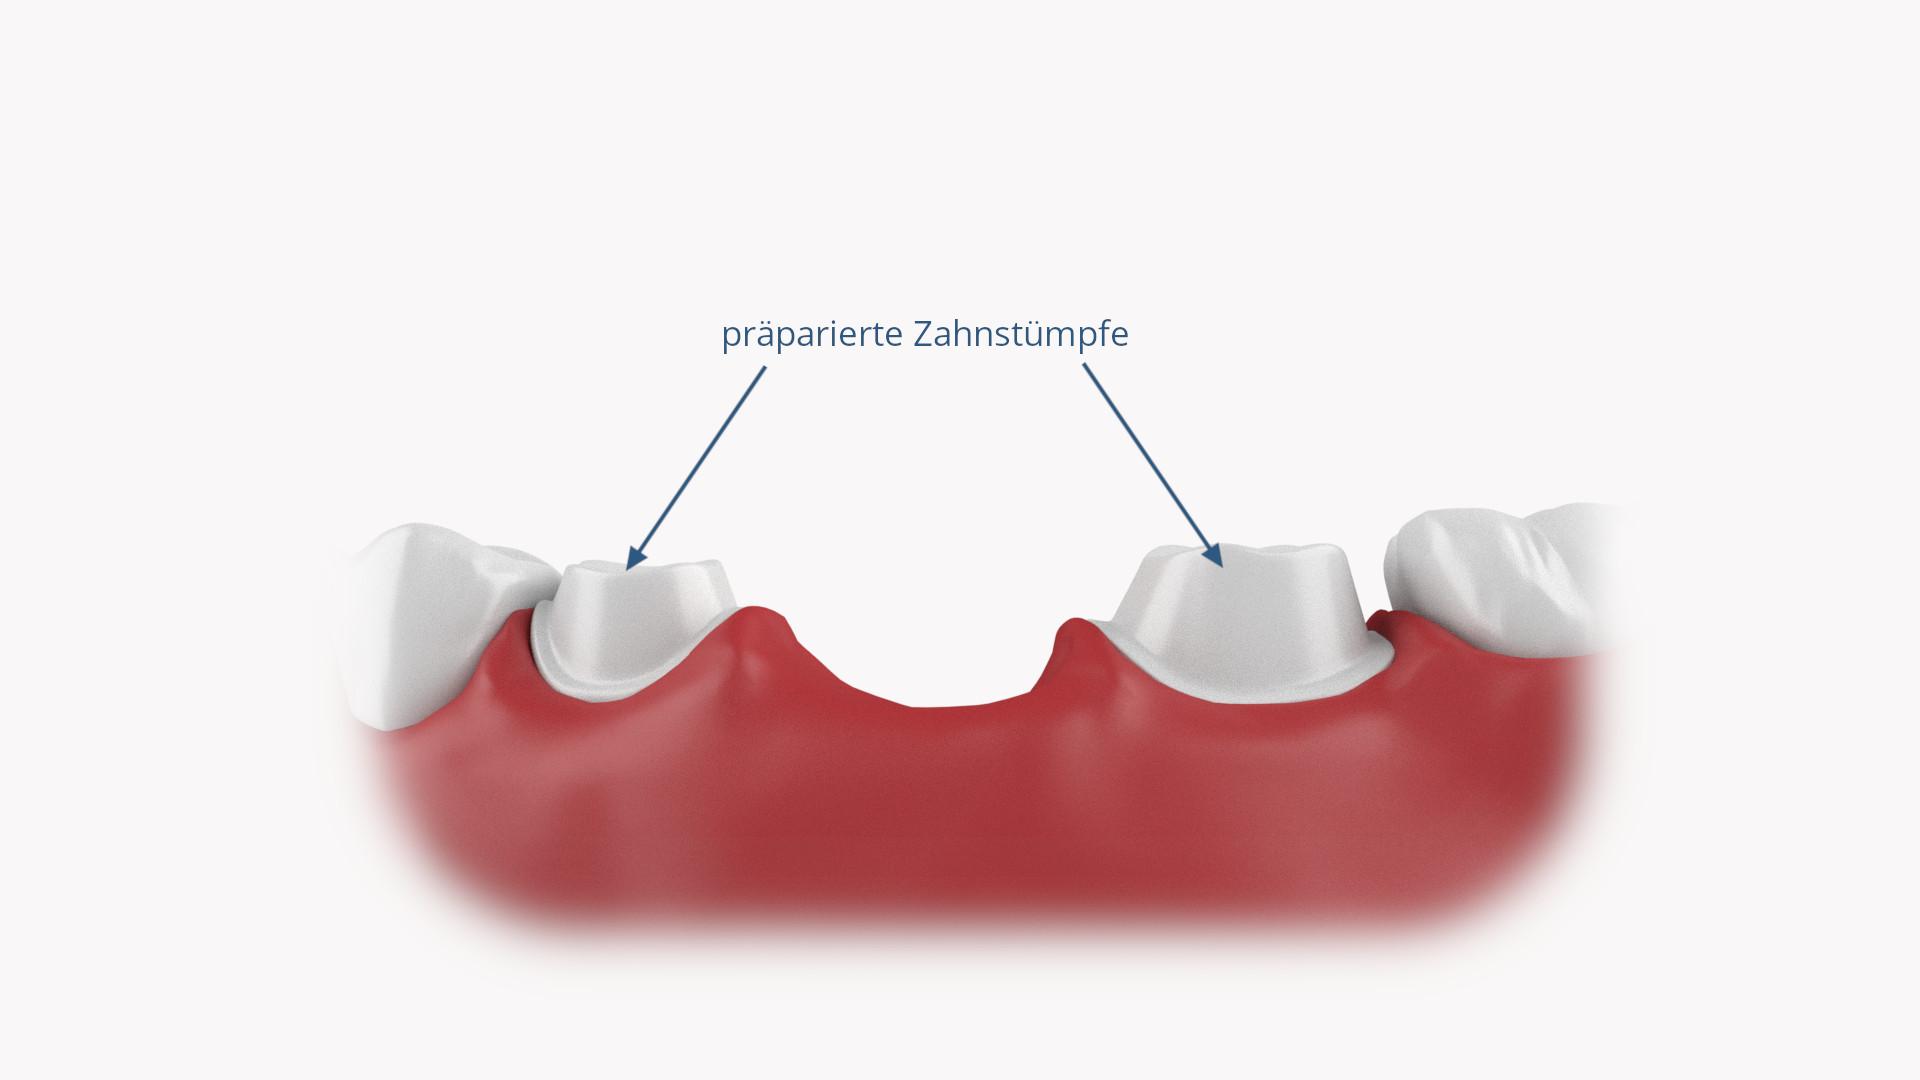 Präparierte Zahnstümpfe für Zahnbrücke